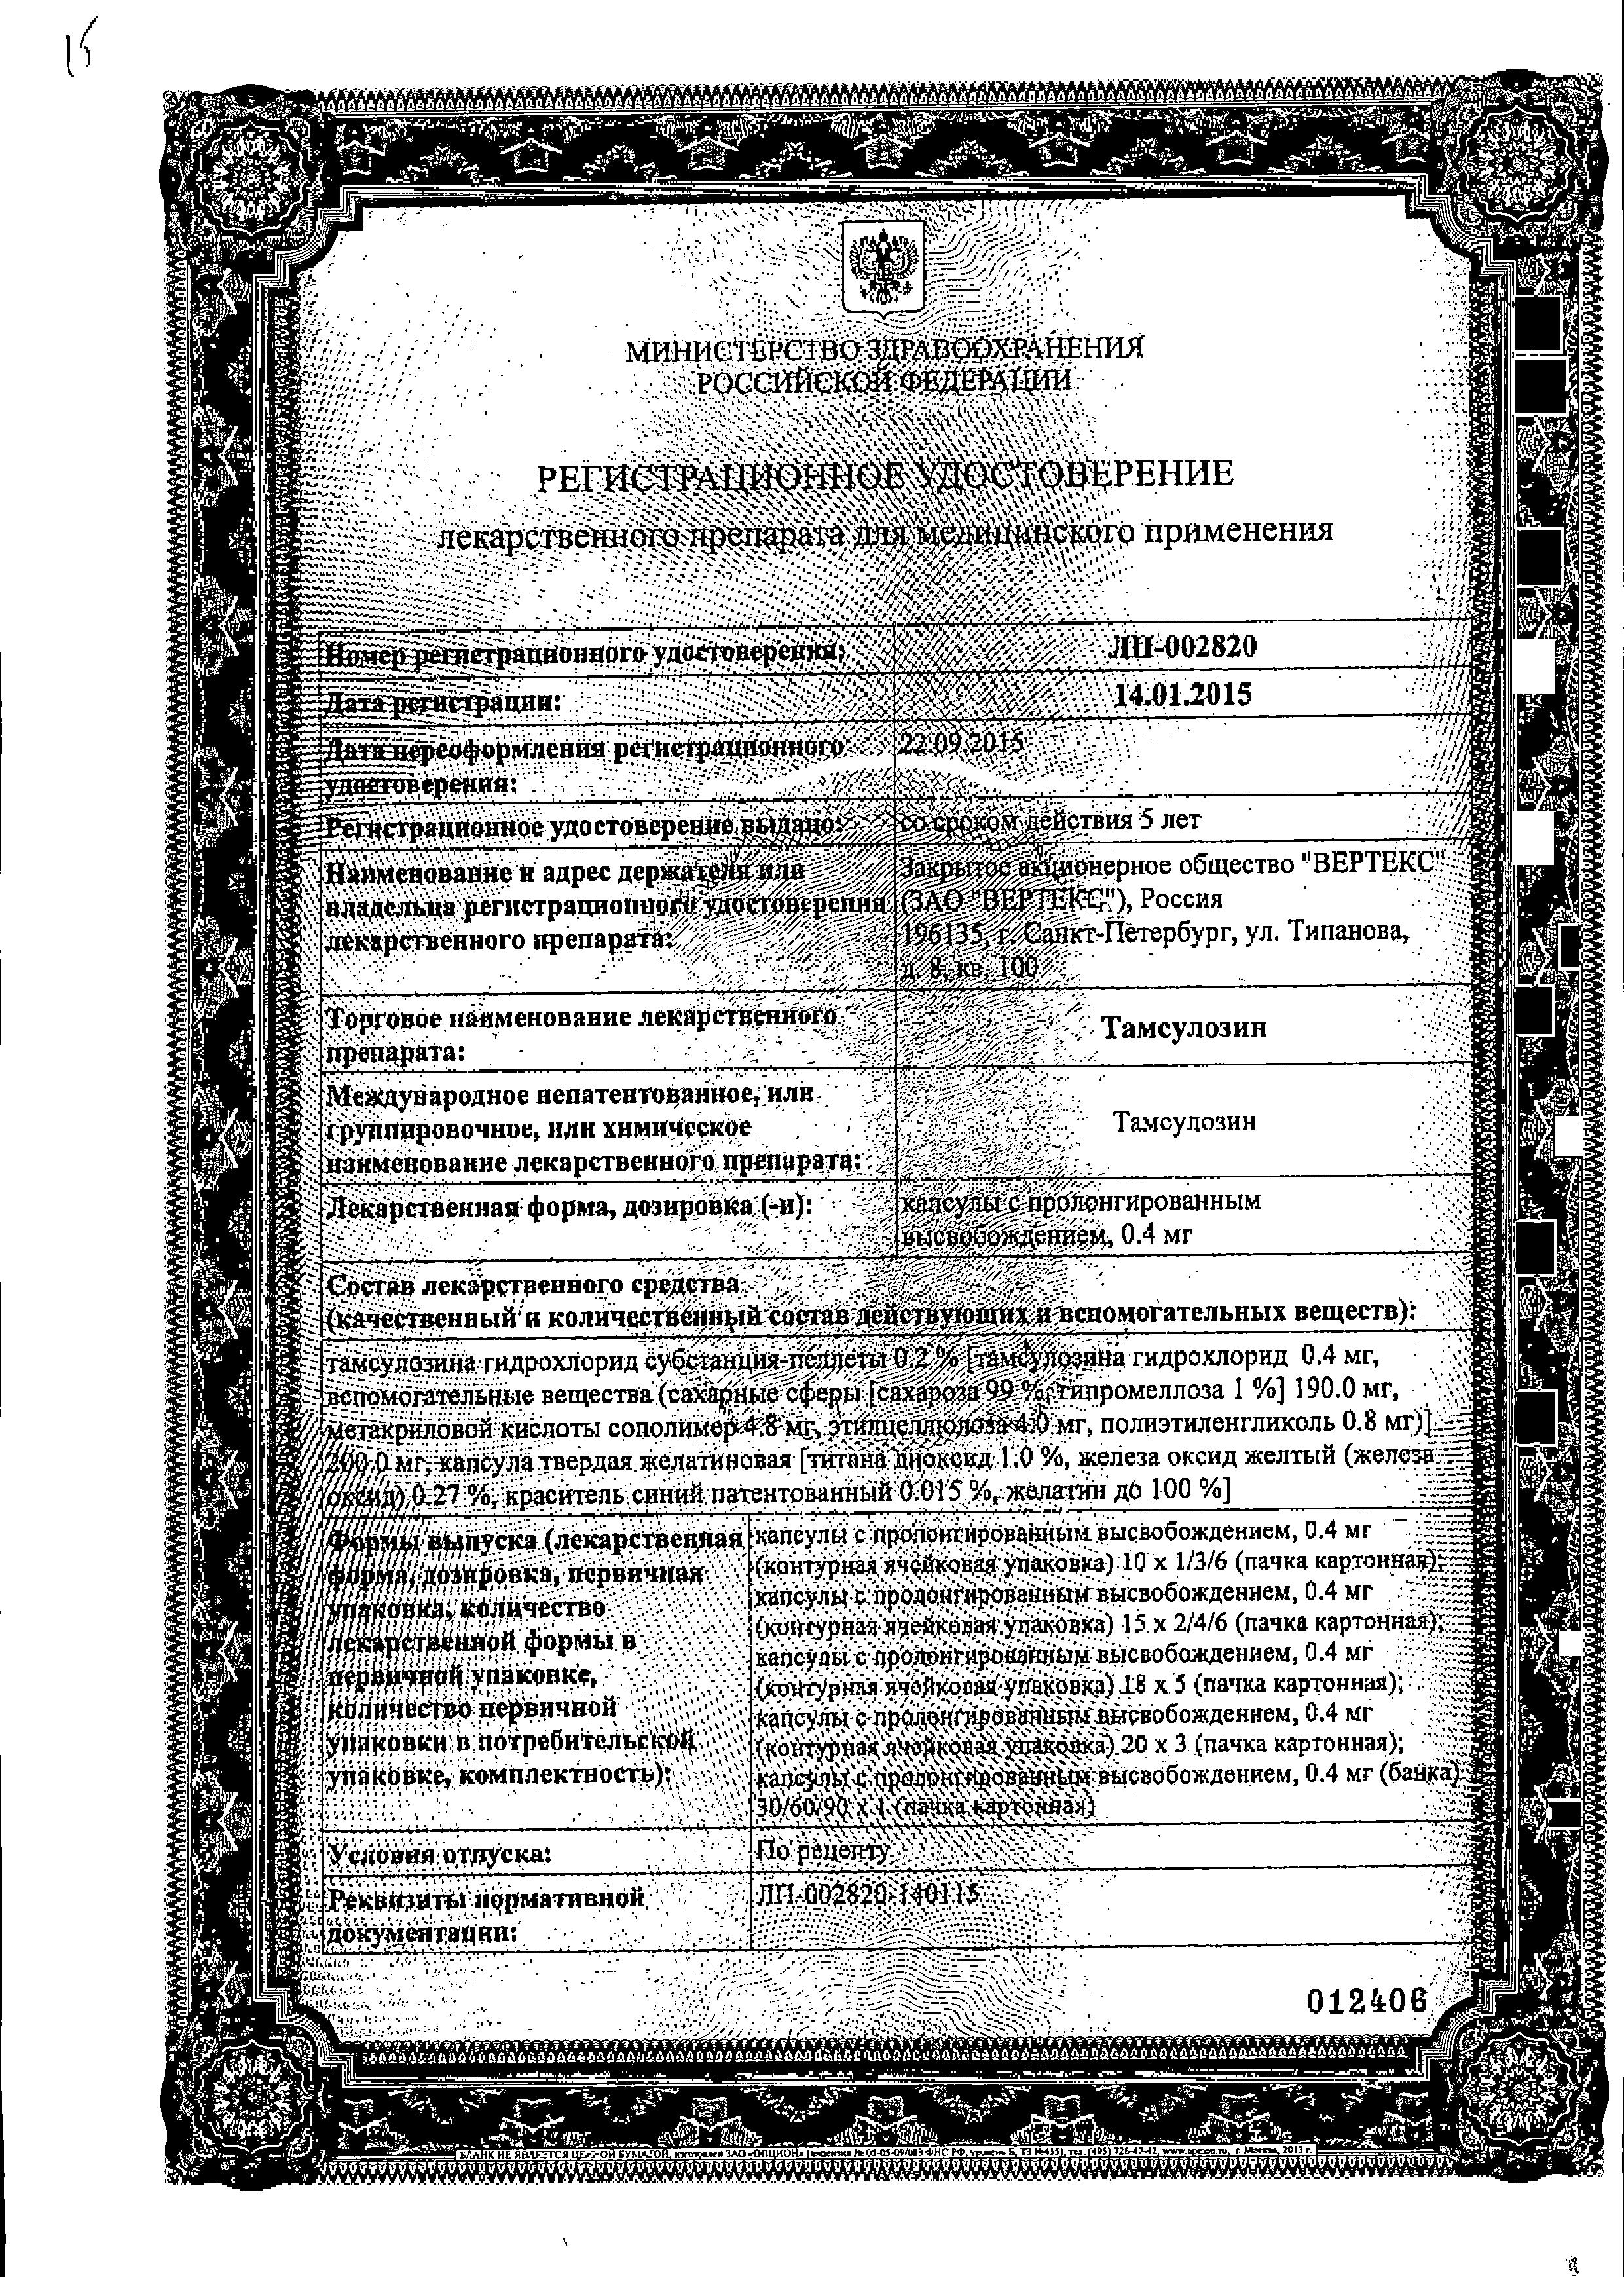 Тамсулозин сертификат